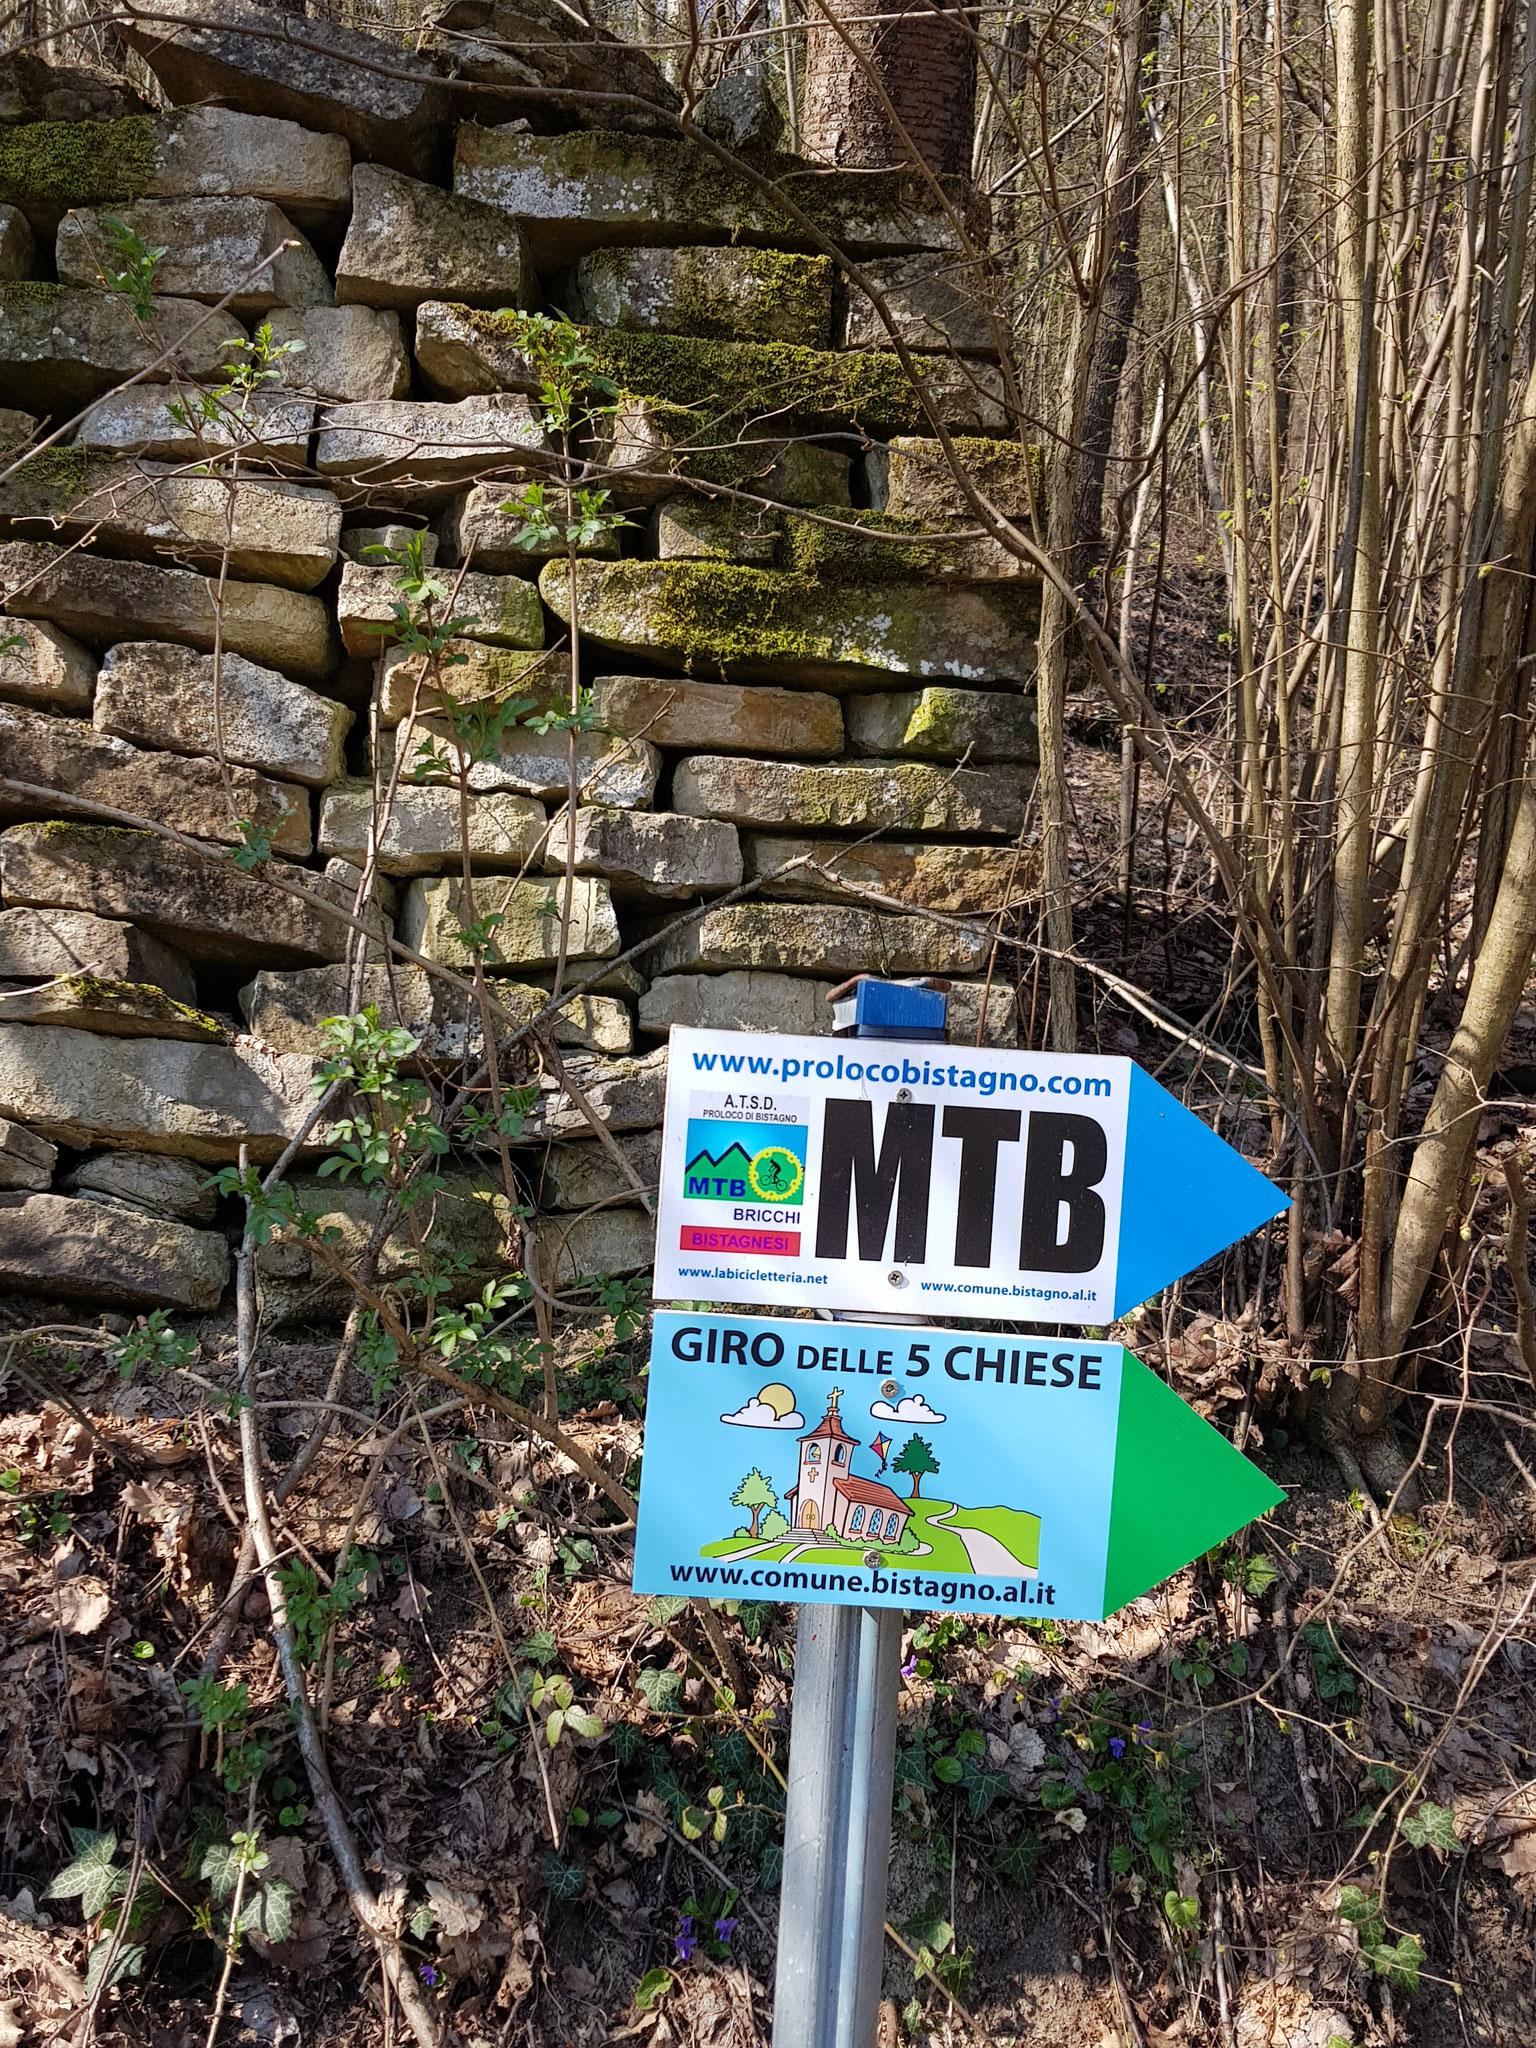 Bistagno ist ein Eldorado für MTB-Fahrer wie auch für Wanderer